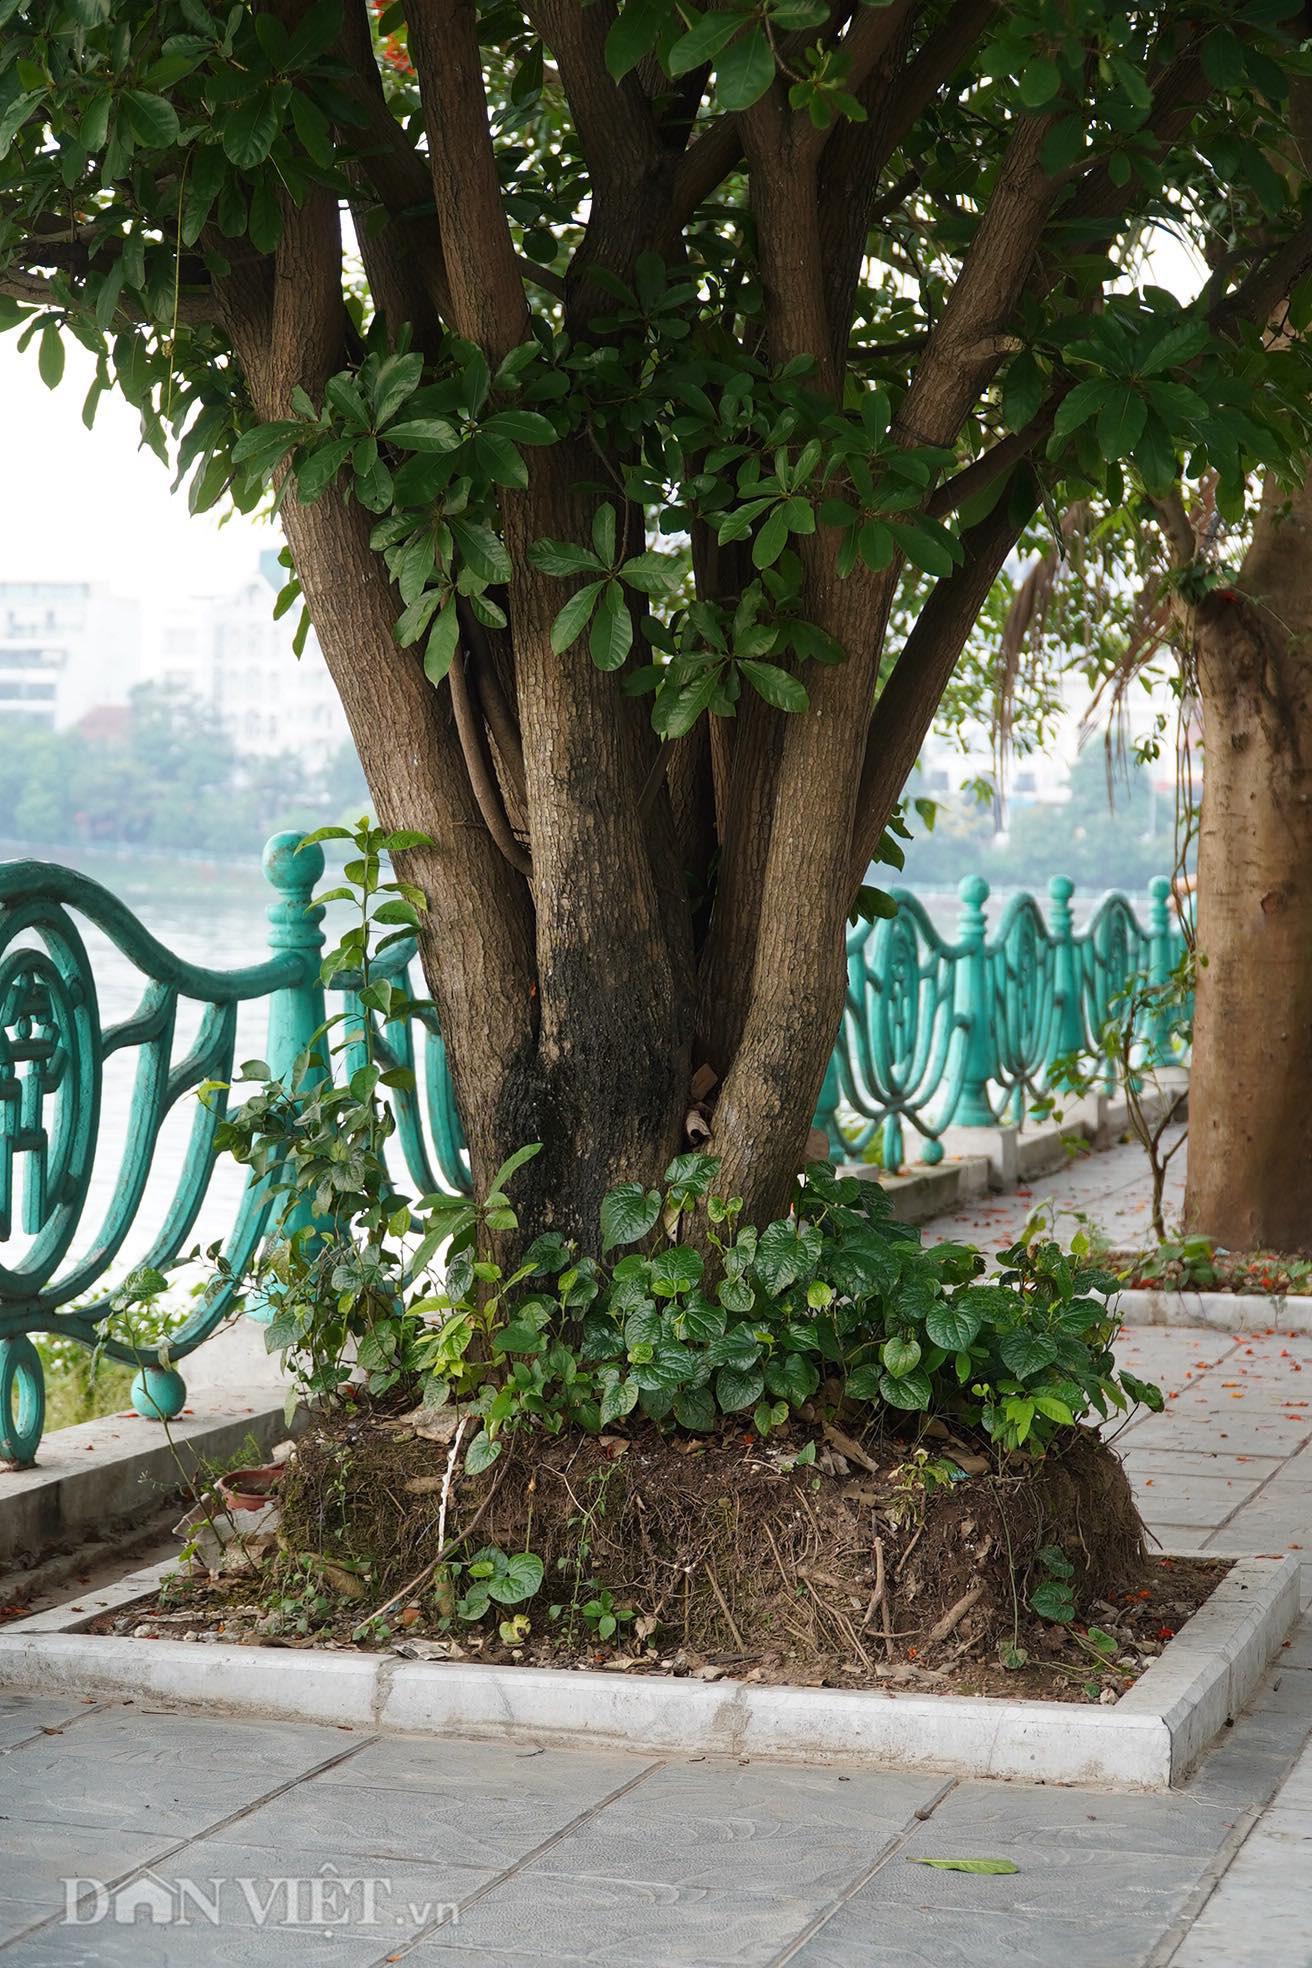 Hiểm hoạ đến từ những cây xanh chết khô trên đường phố Hà Nội - Ảnh 6.